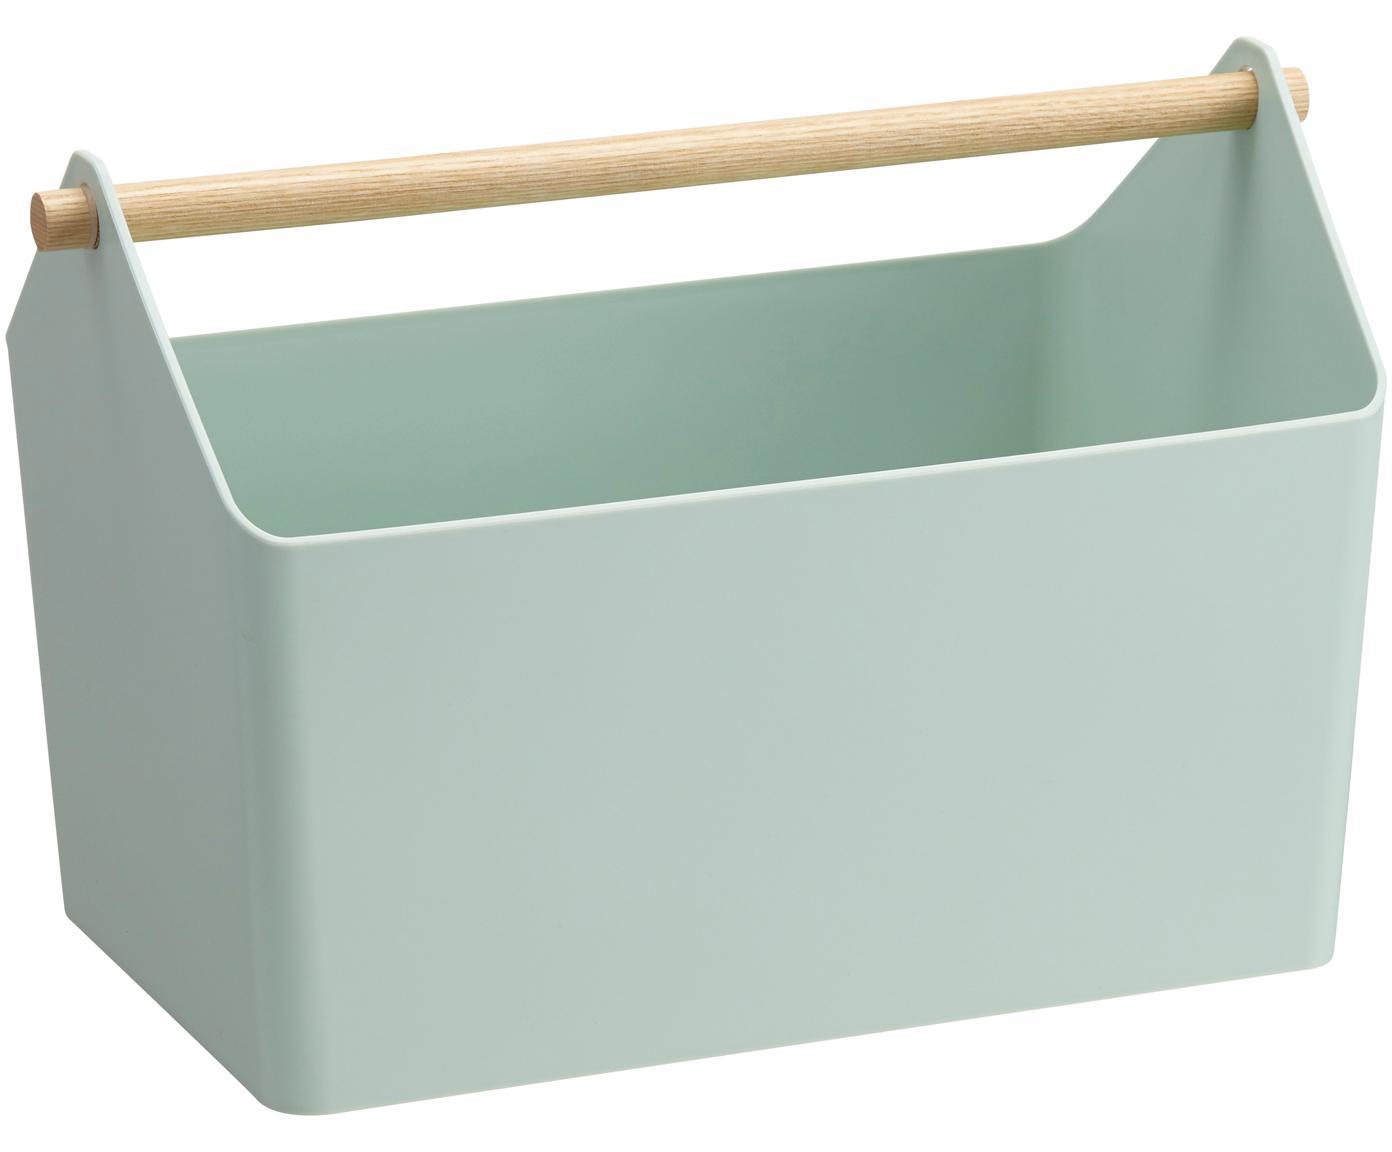 Cesta Favori, Cesta: polipropileno, Asa: madera, Verde menta, marrón, An 37 x Al 24 cm